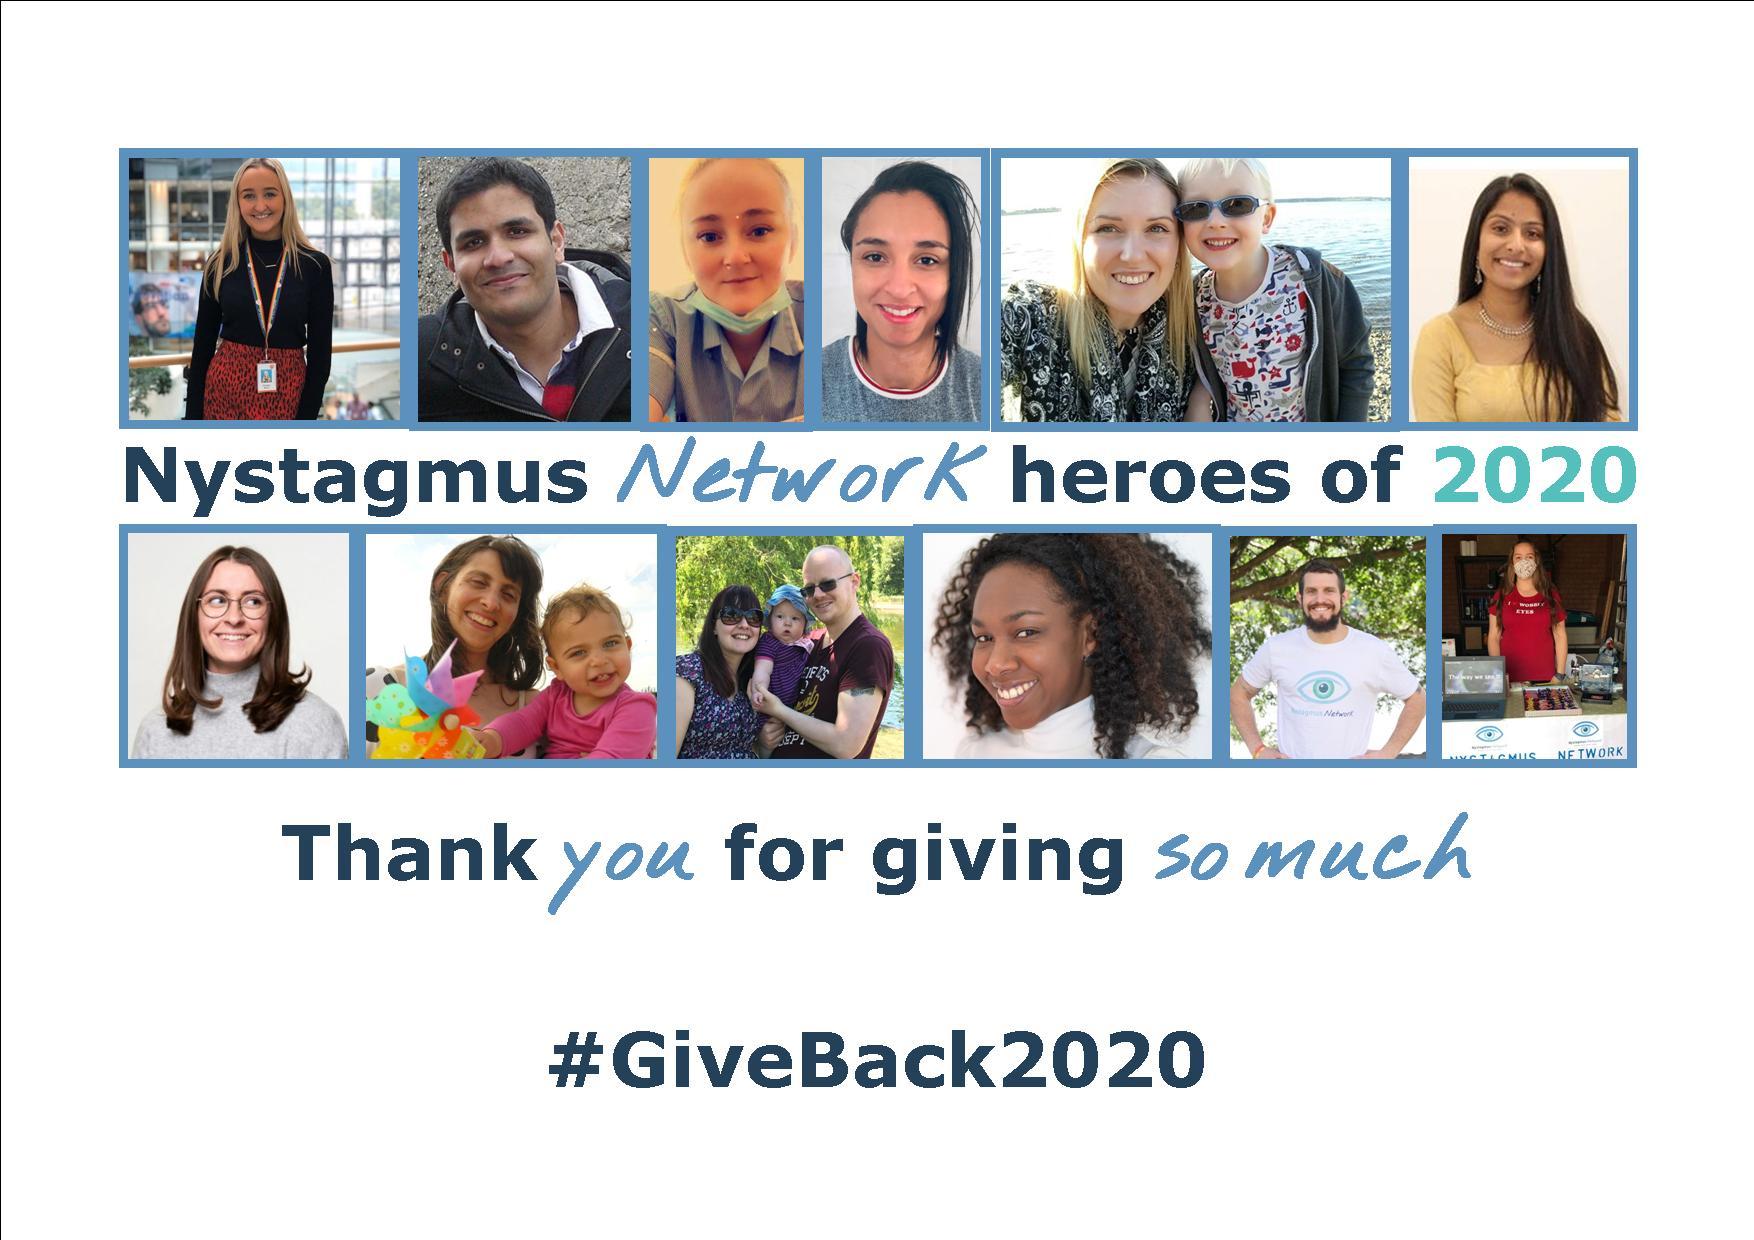 #GiveBack2020